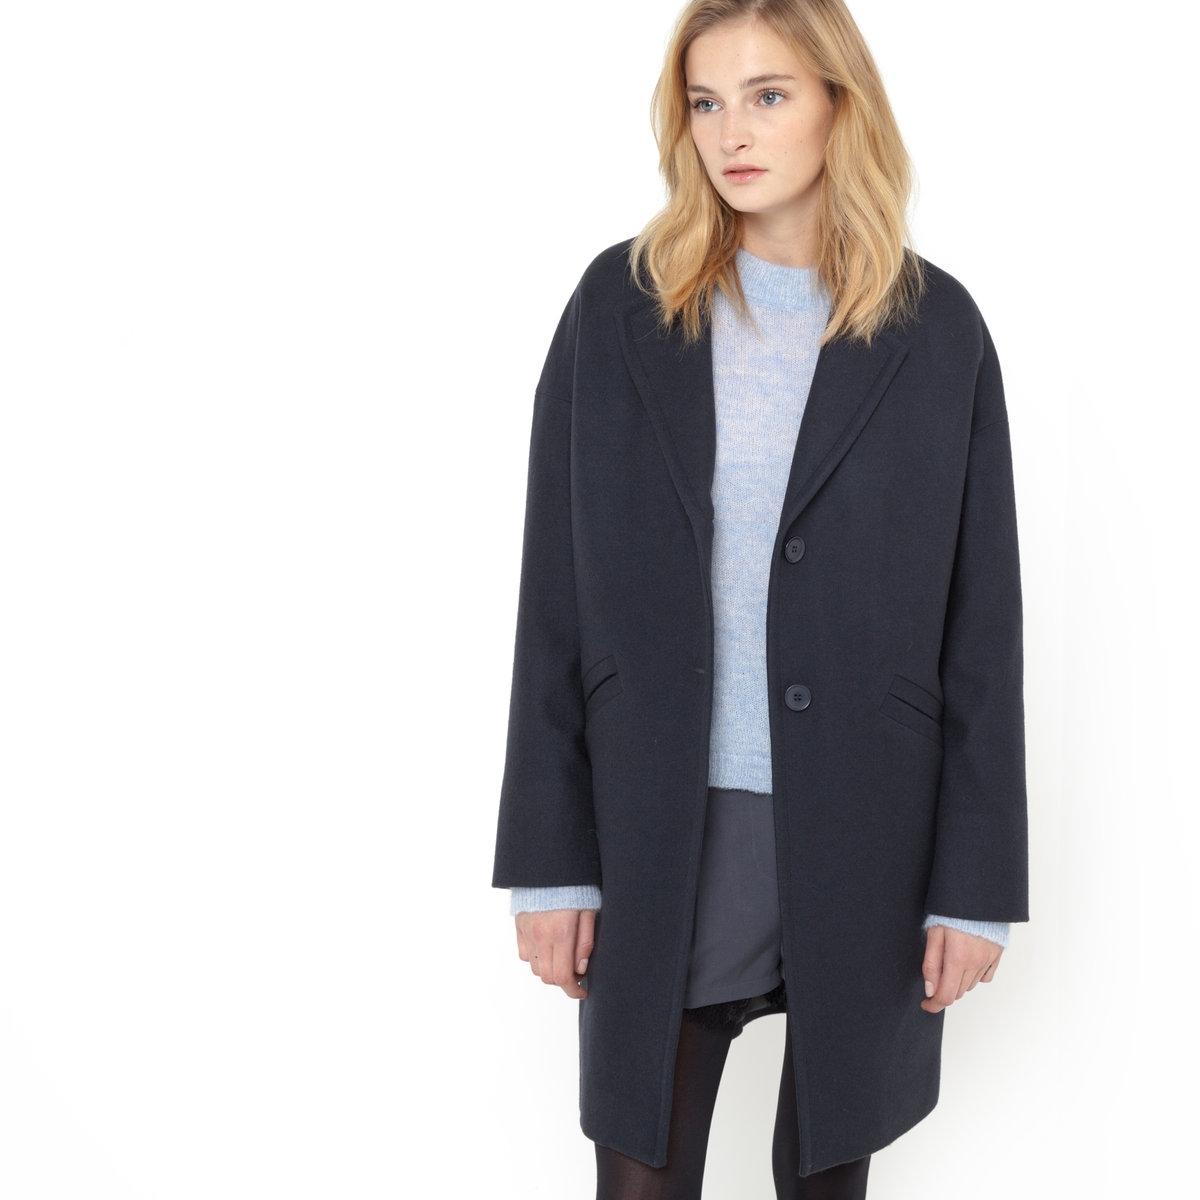 Пальто закругленной формыШирокое пальто закругленной формы. Застежка на 2 пуговицы. 2 кармана. 80% шерсти, 20% полиэстера, подкладка из 100% полиэстера. Длина 92 см.<br><br>Цвет: темно-синий<br>Размер: 40 (FR) - 46 (RUS).36 (FR) - 42 (RUS)